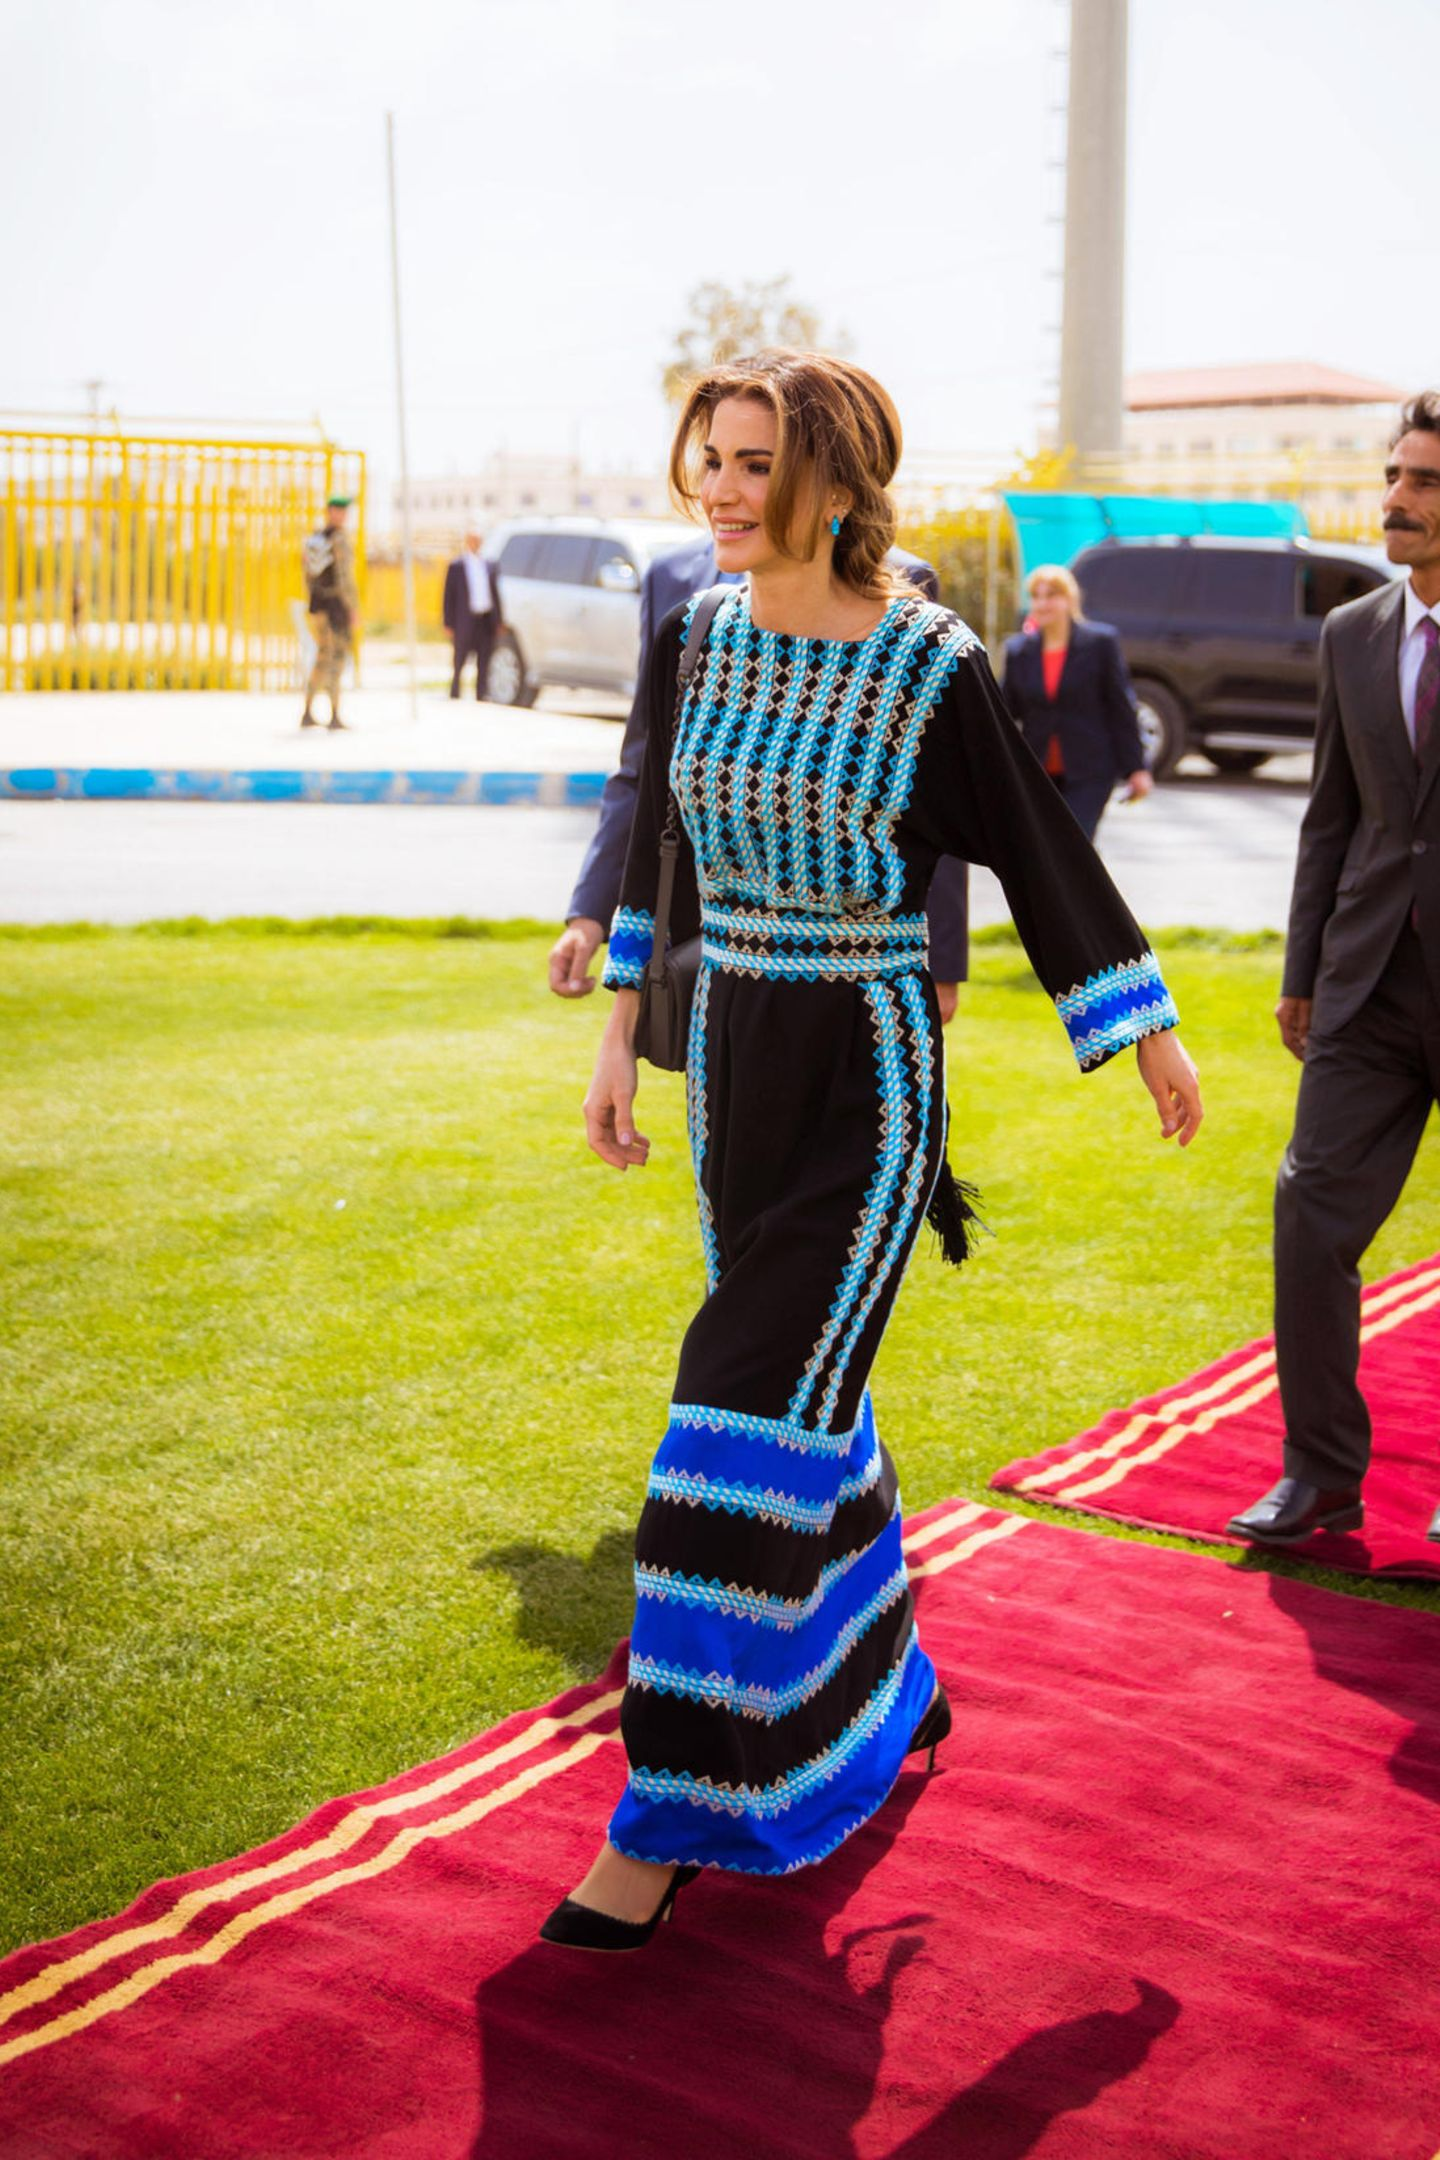 Strahlend schön schreitet Rania zur Eröffnung des Kultur-Centers inMafraq, Jordanien.